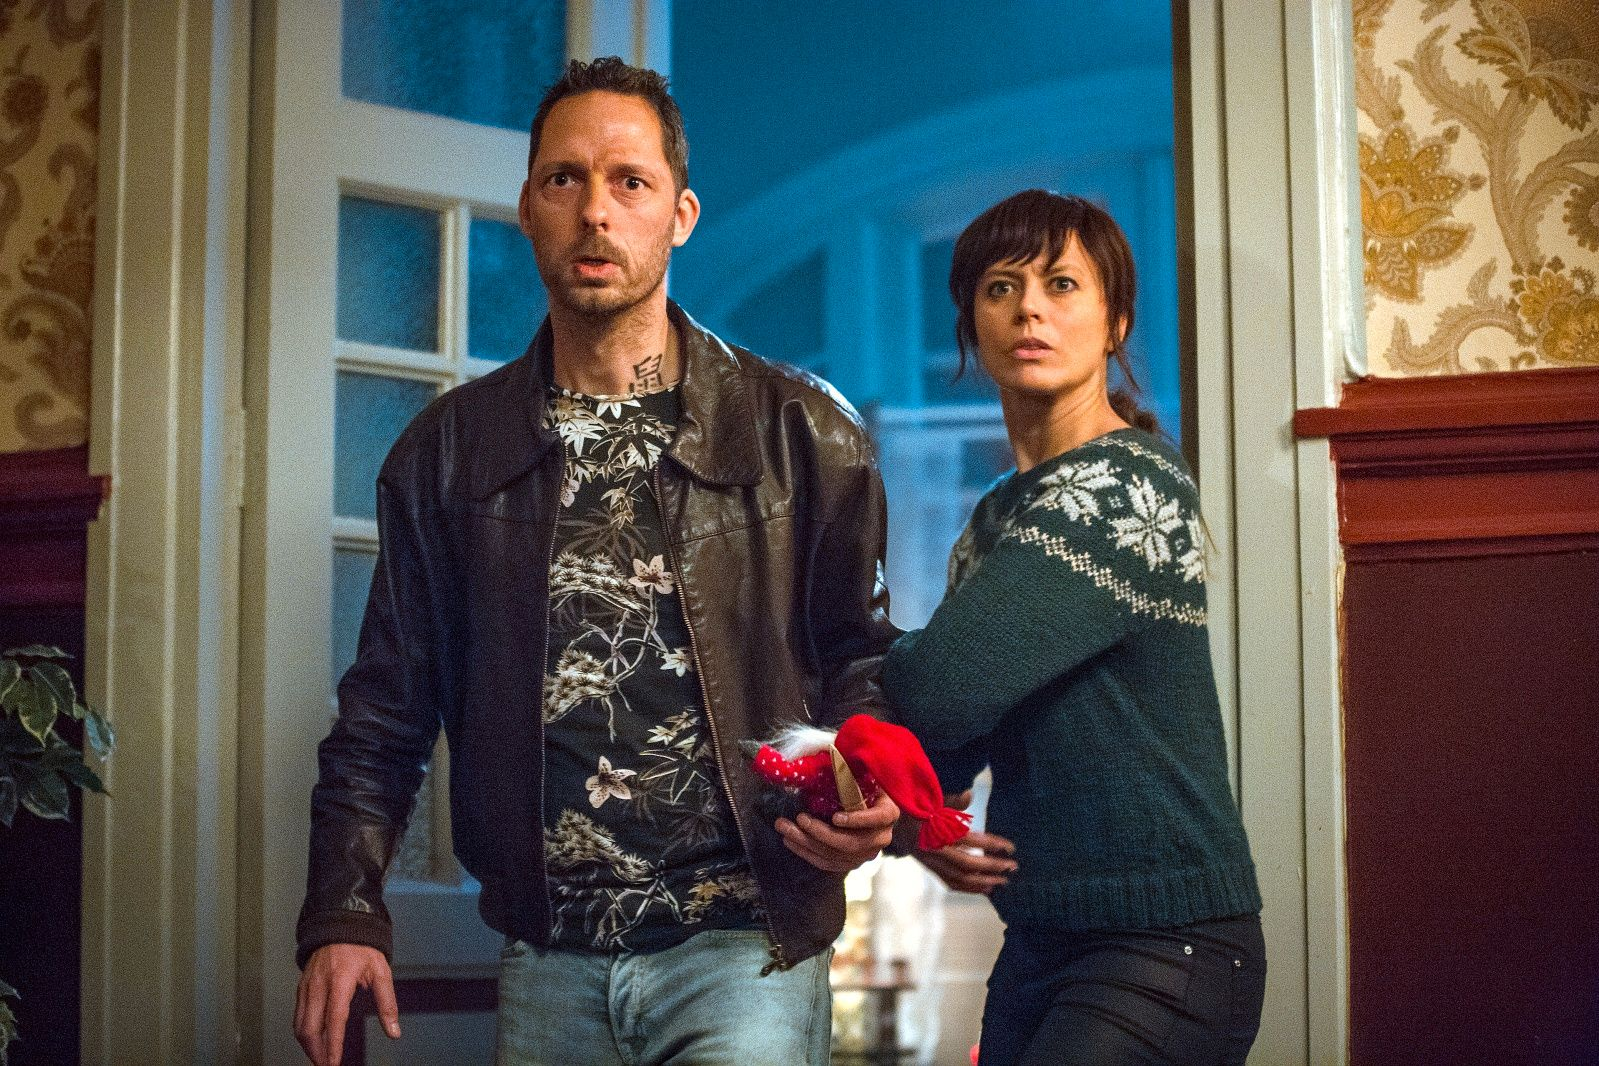 POPULÆR: Ine Jansen spiller Nanna og Trond Fausa Aurvåg spiller Svein i Jul i Blodfjell. Så langt har over 600.000 sett hver av de tre første episodene.